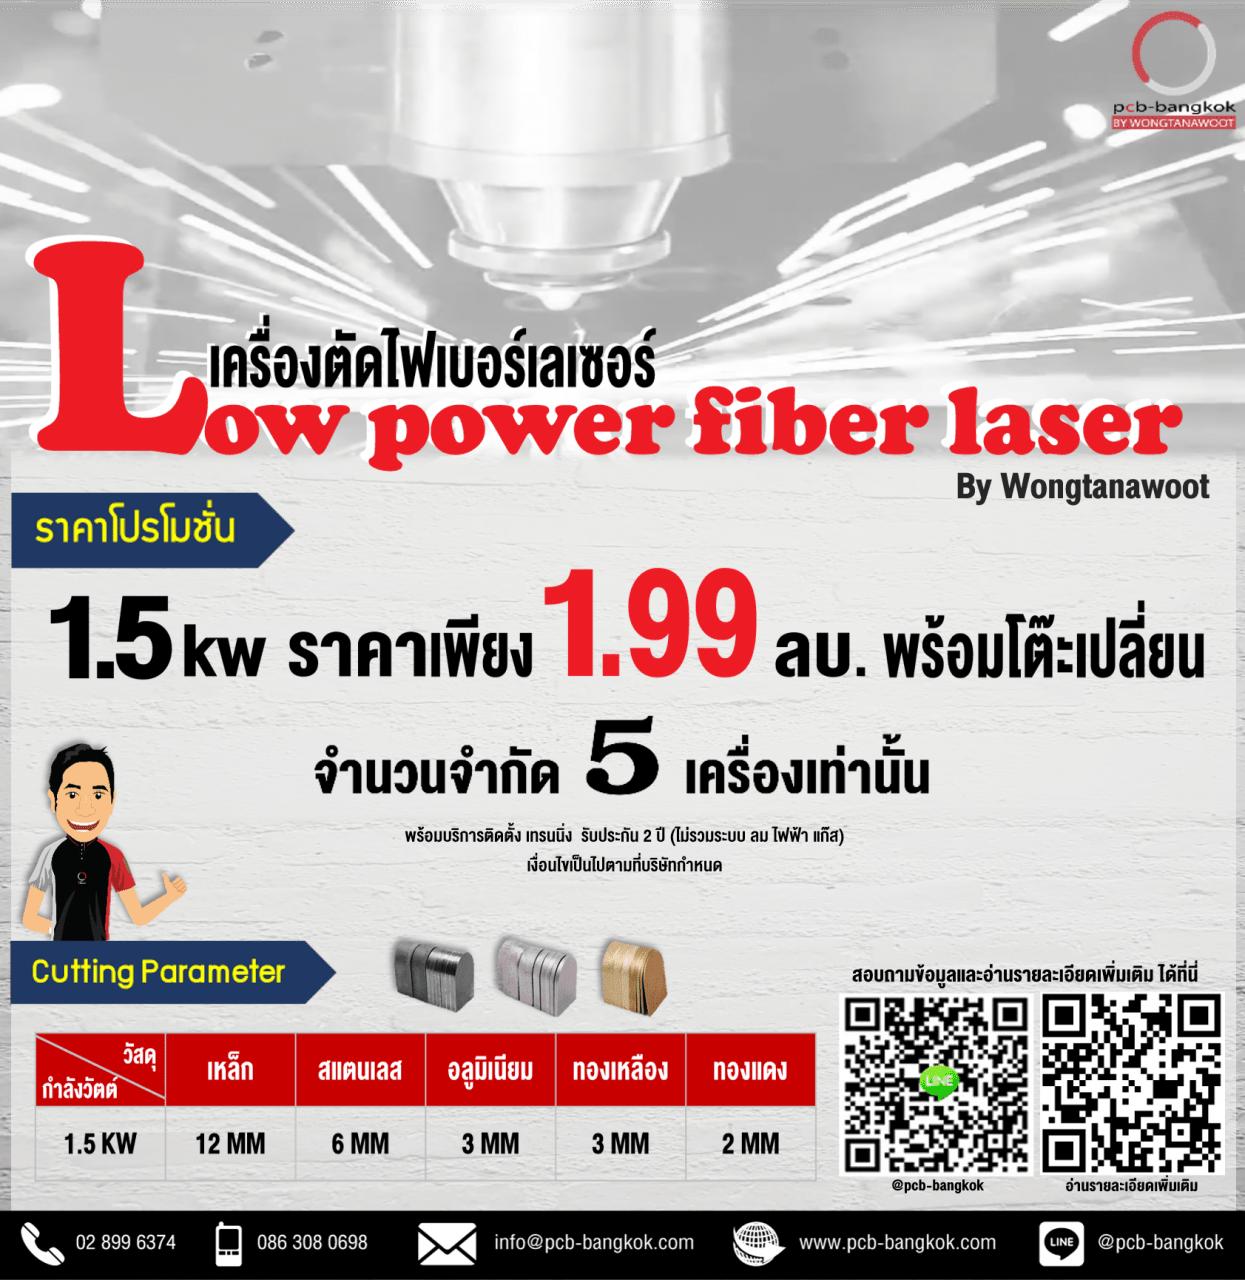 เครื่องตัดเลเซอร์_Wongtanawoot_วงศ์ธนาวุฒิ_hsg_fiberlaser